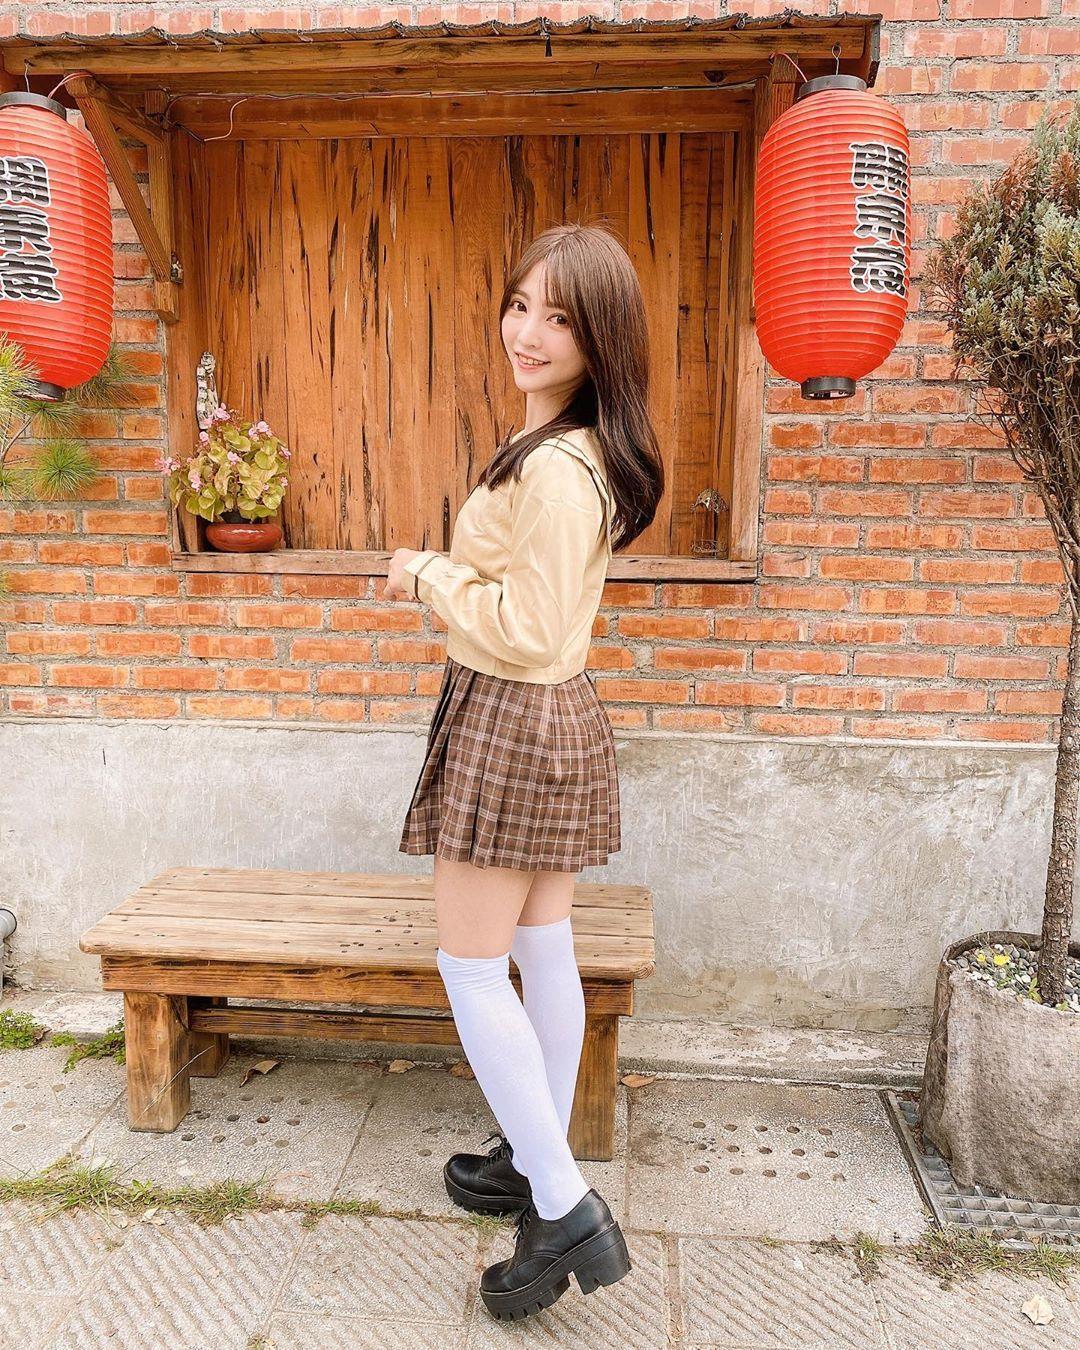 iamshiangshiang